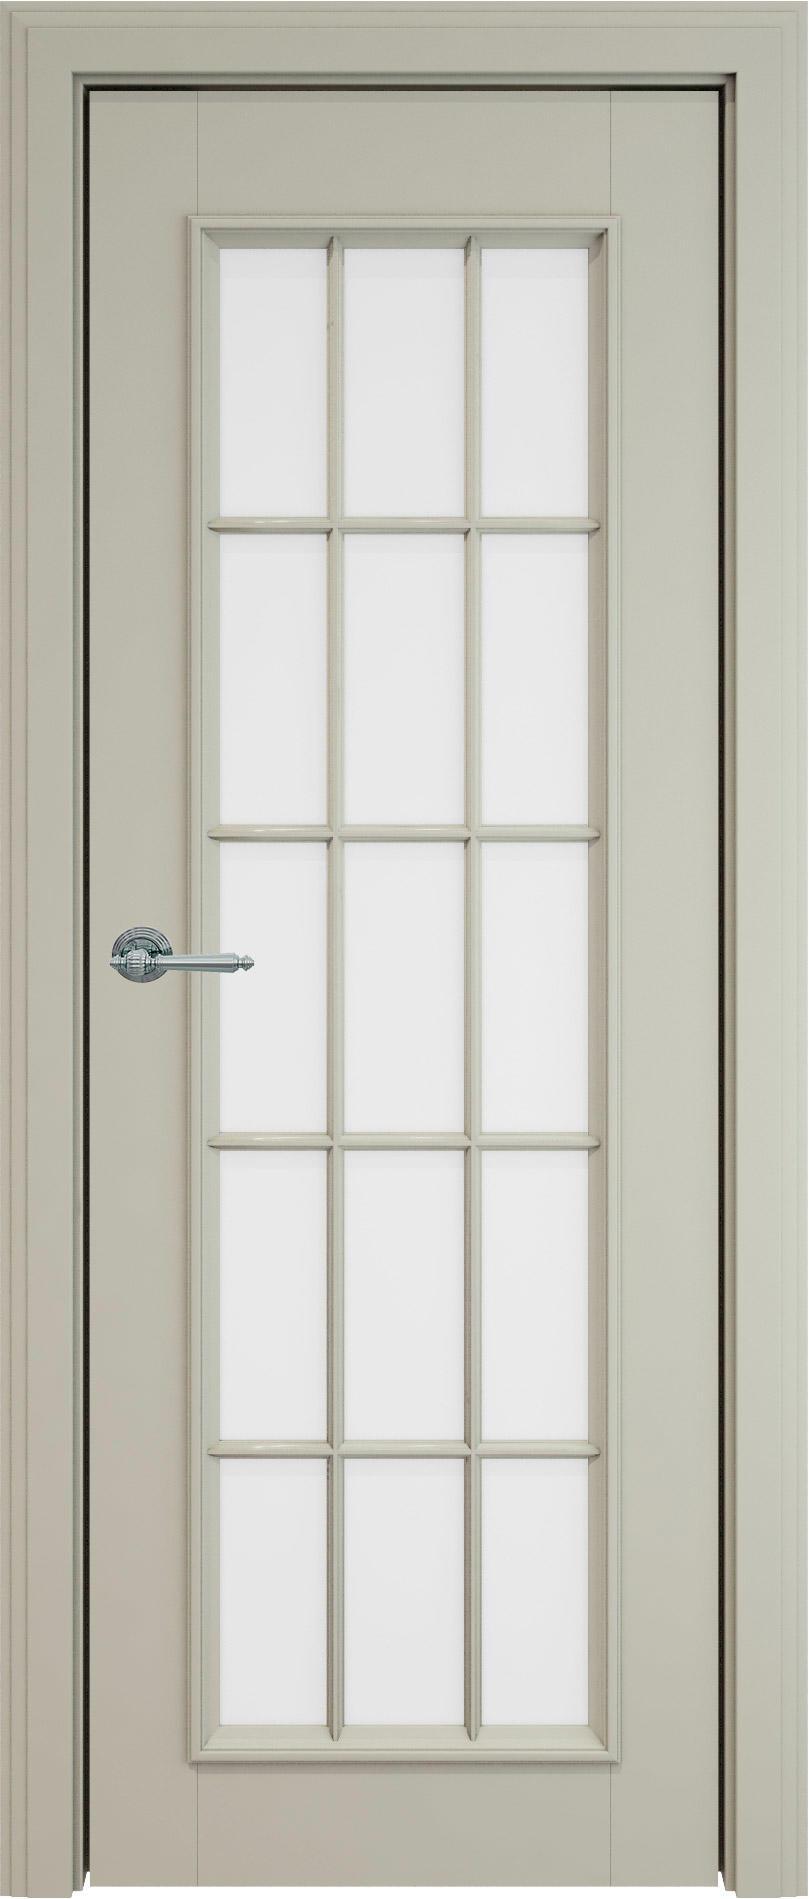 Domenica LUX цвет - Серо-оливковая эмаль (RAL 7032) Со стеклом и обрешеткой (ДО-Р)